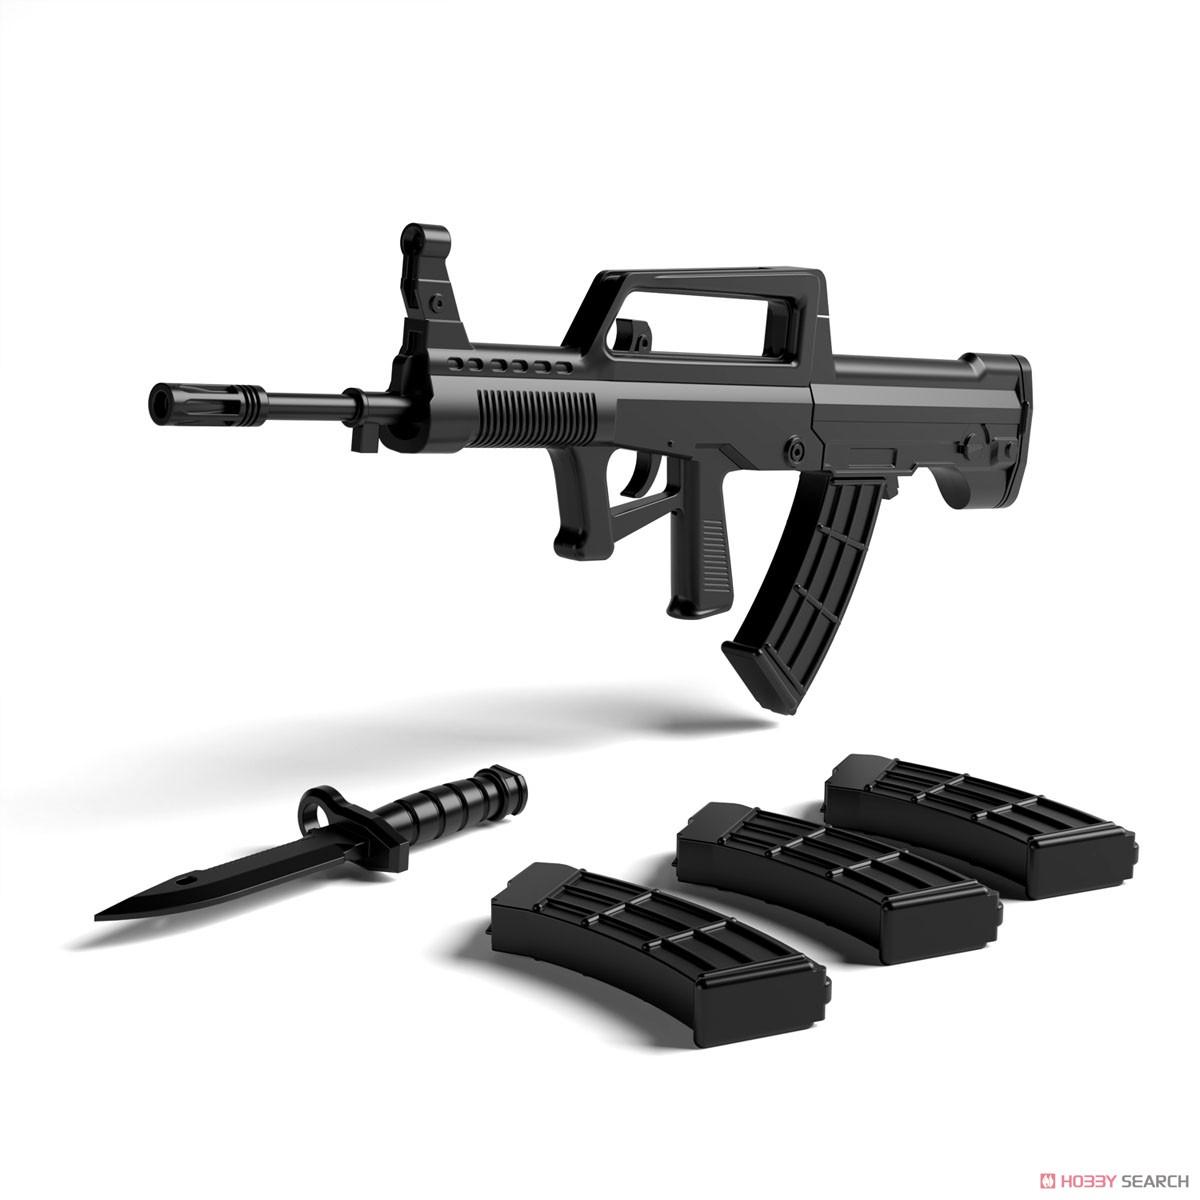 リトルアーモリー LADF01『ドールズフロントライン95式自動歩槍タイプ』1/12 プラモデル-003